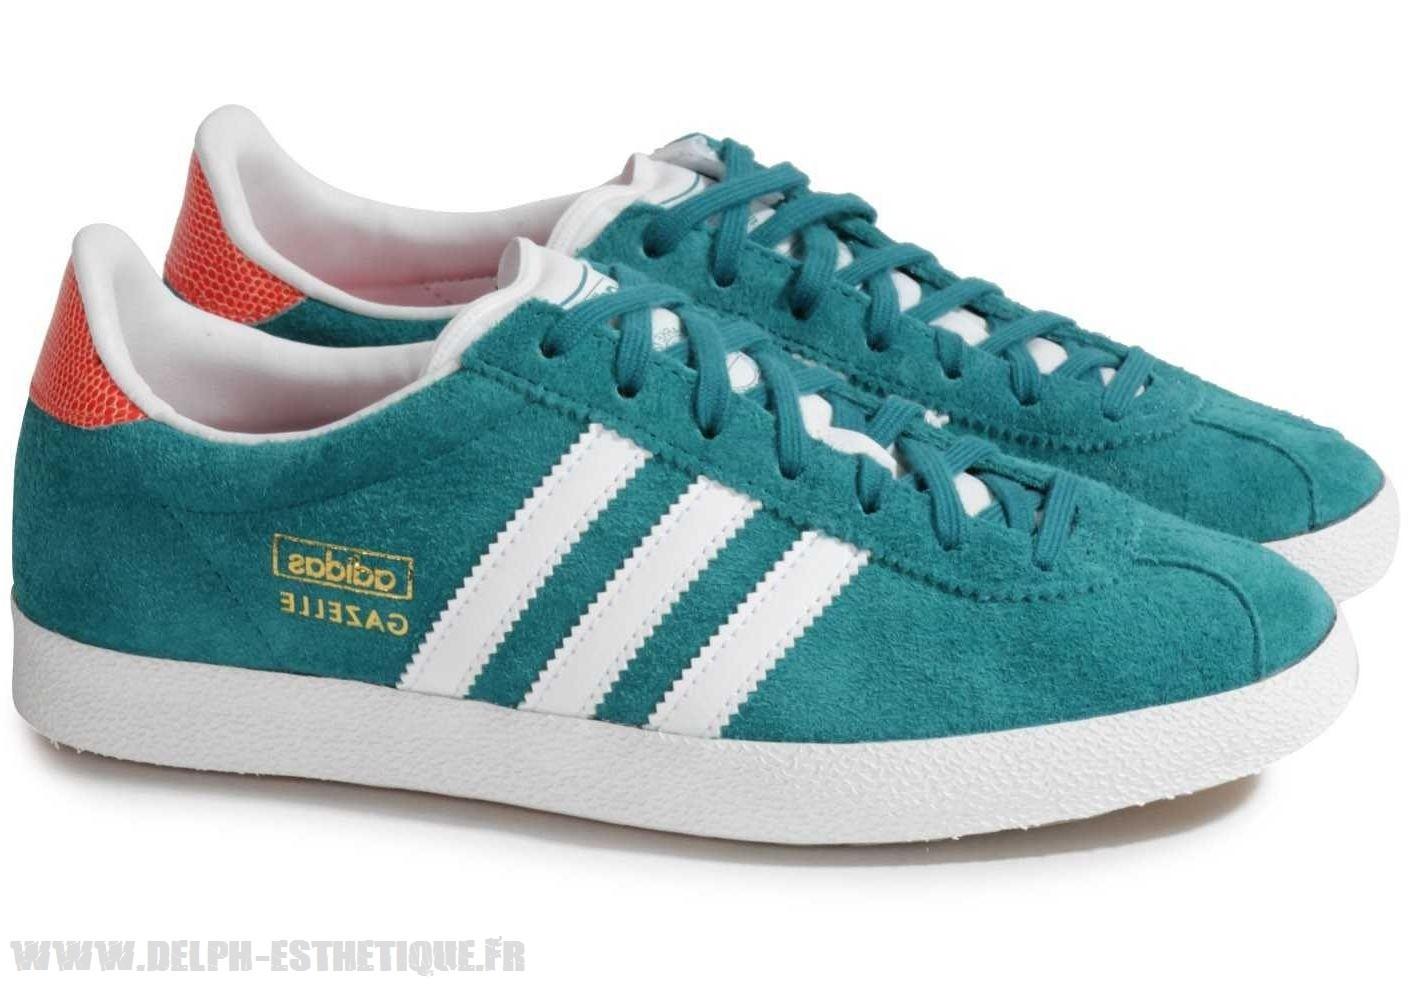 adidas gazelle turquoise